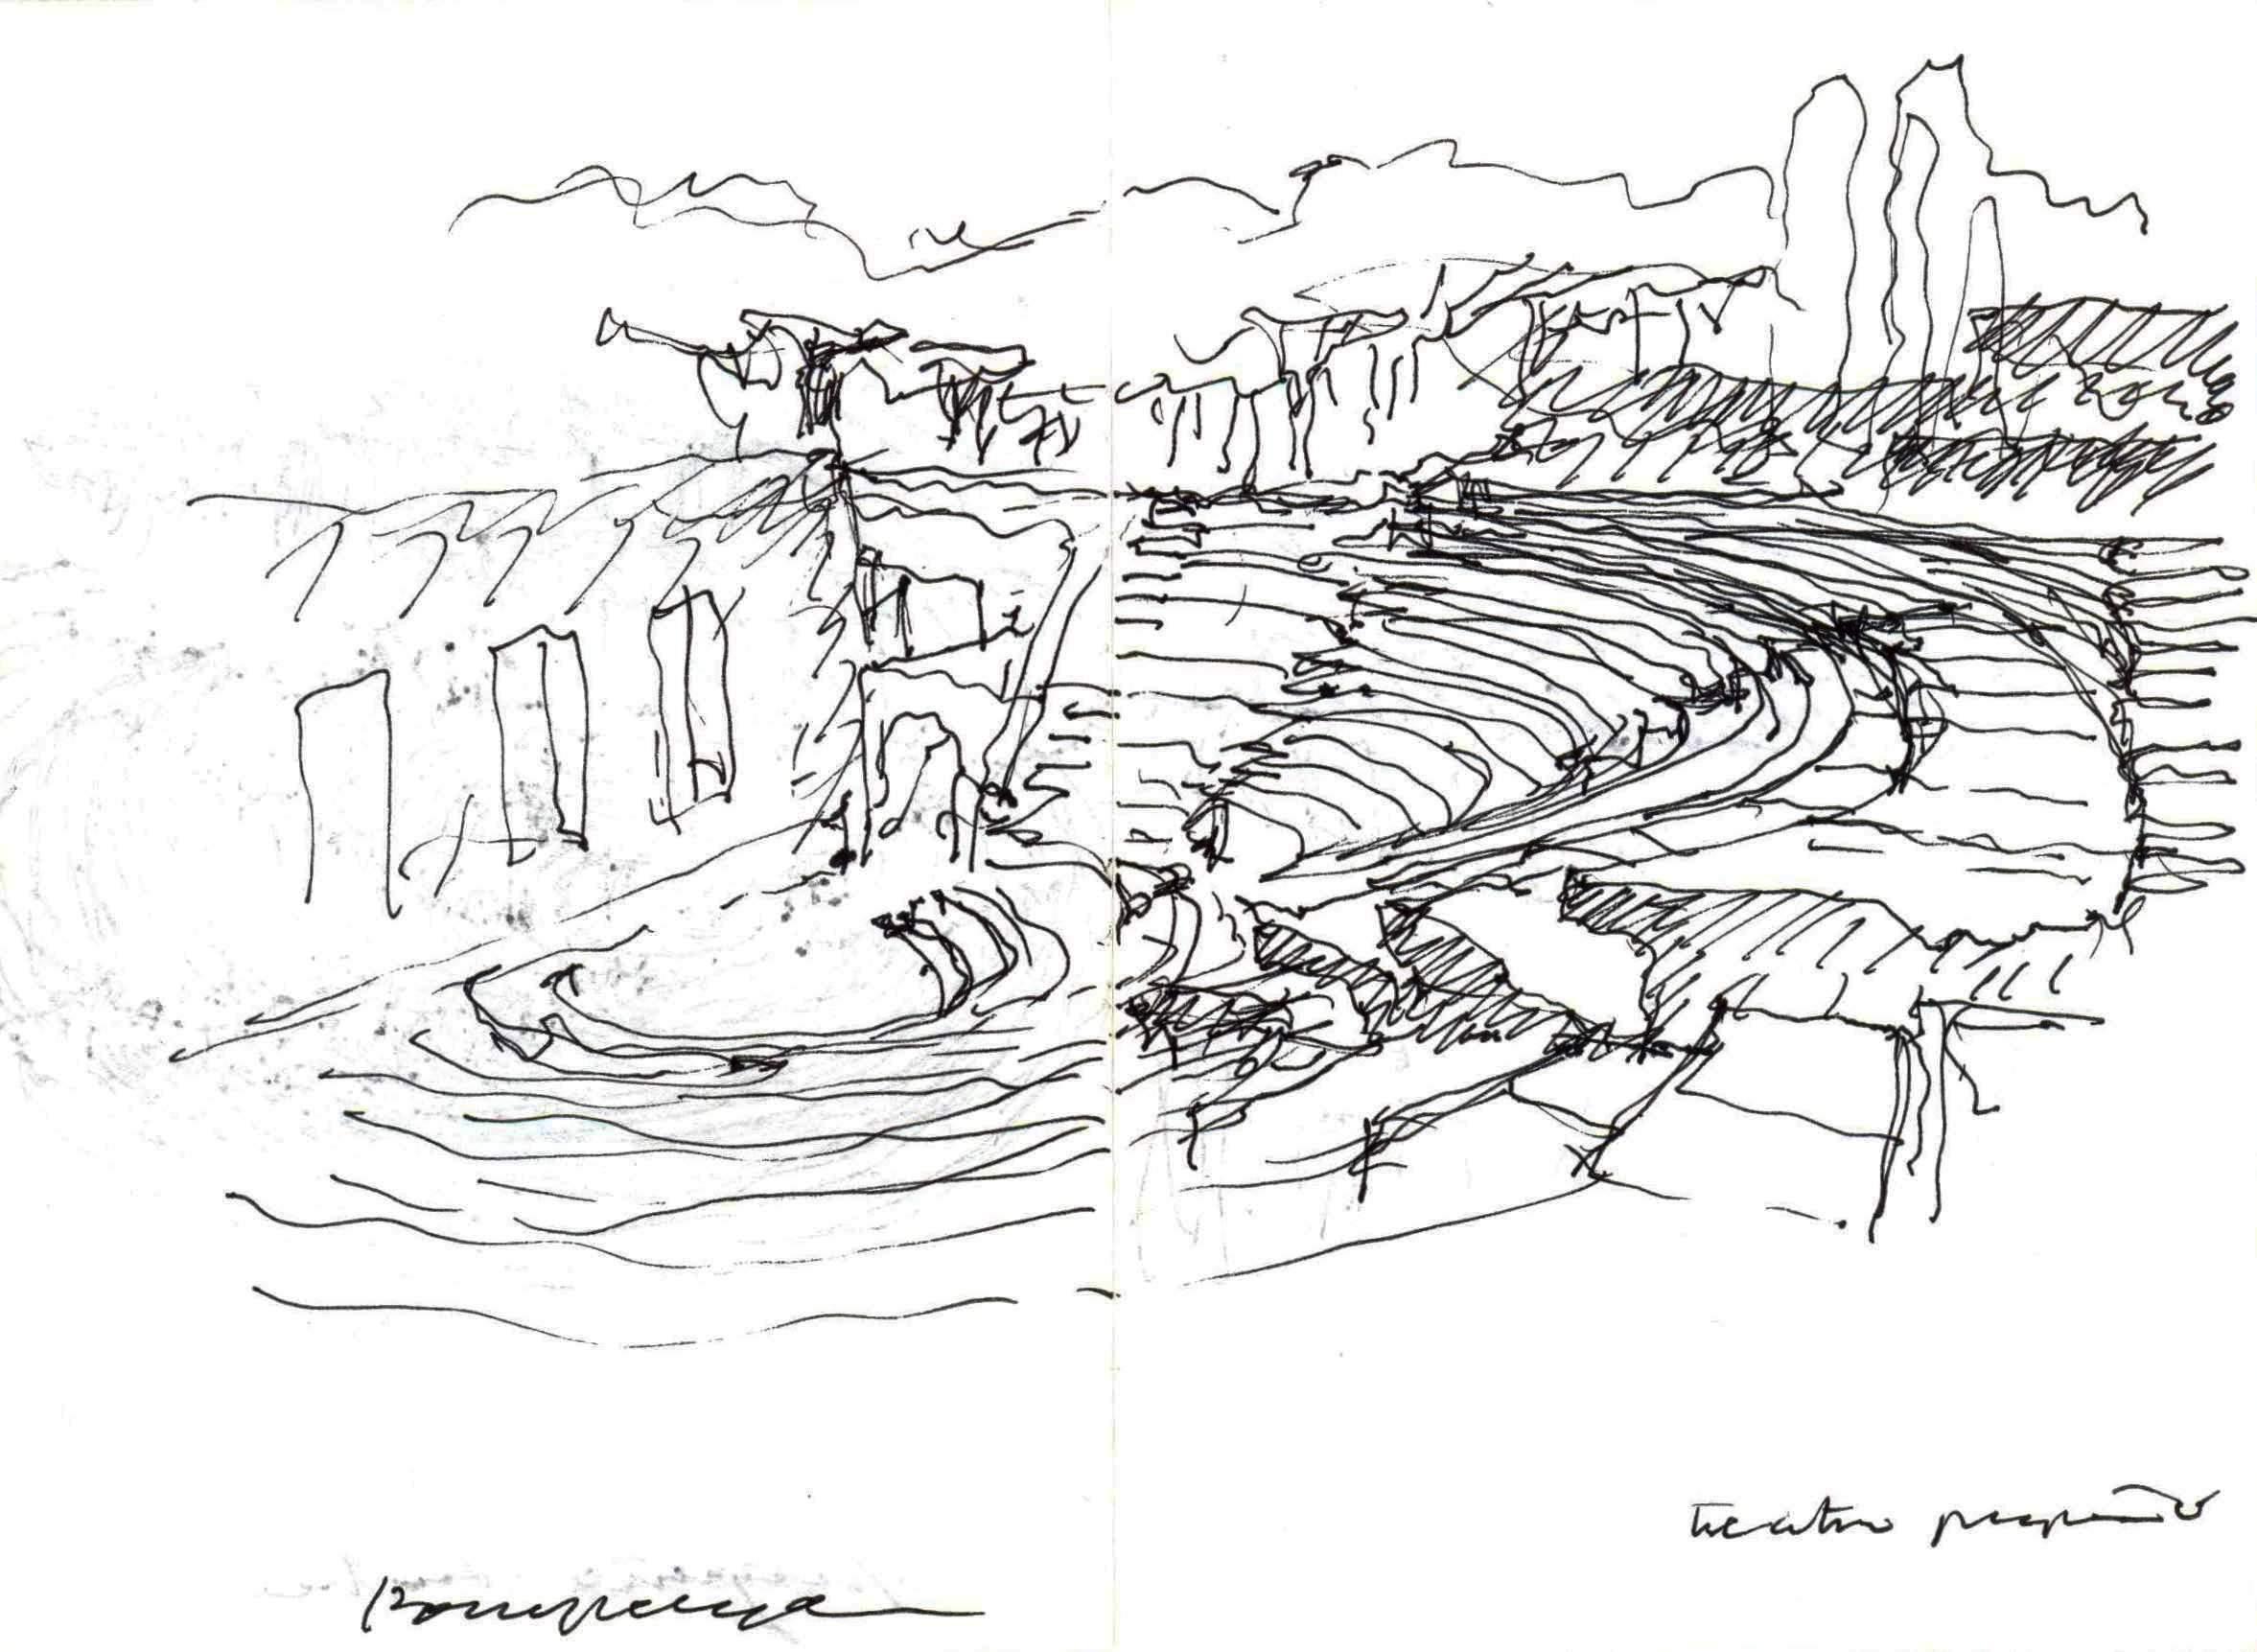 dibujos exposición 68